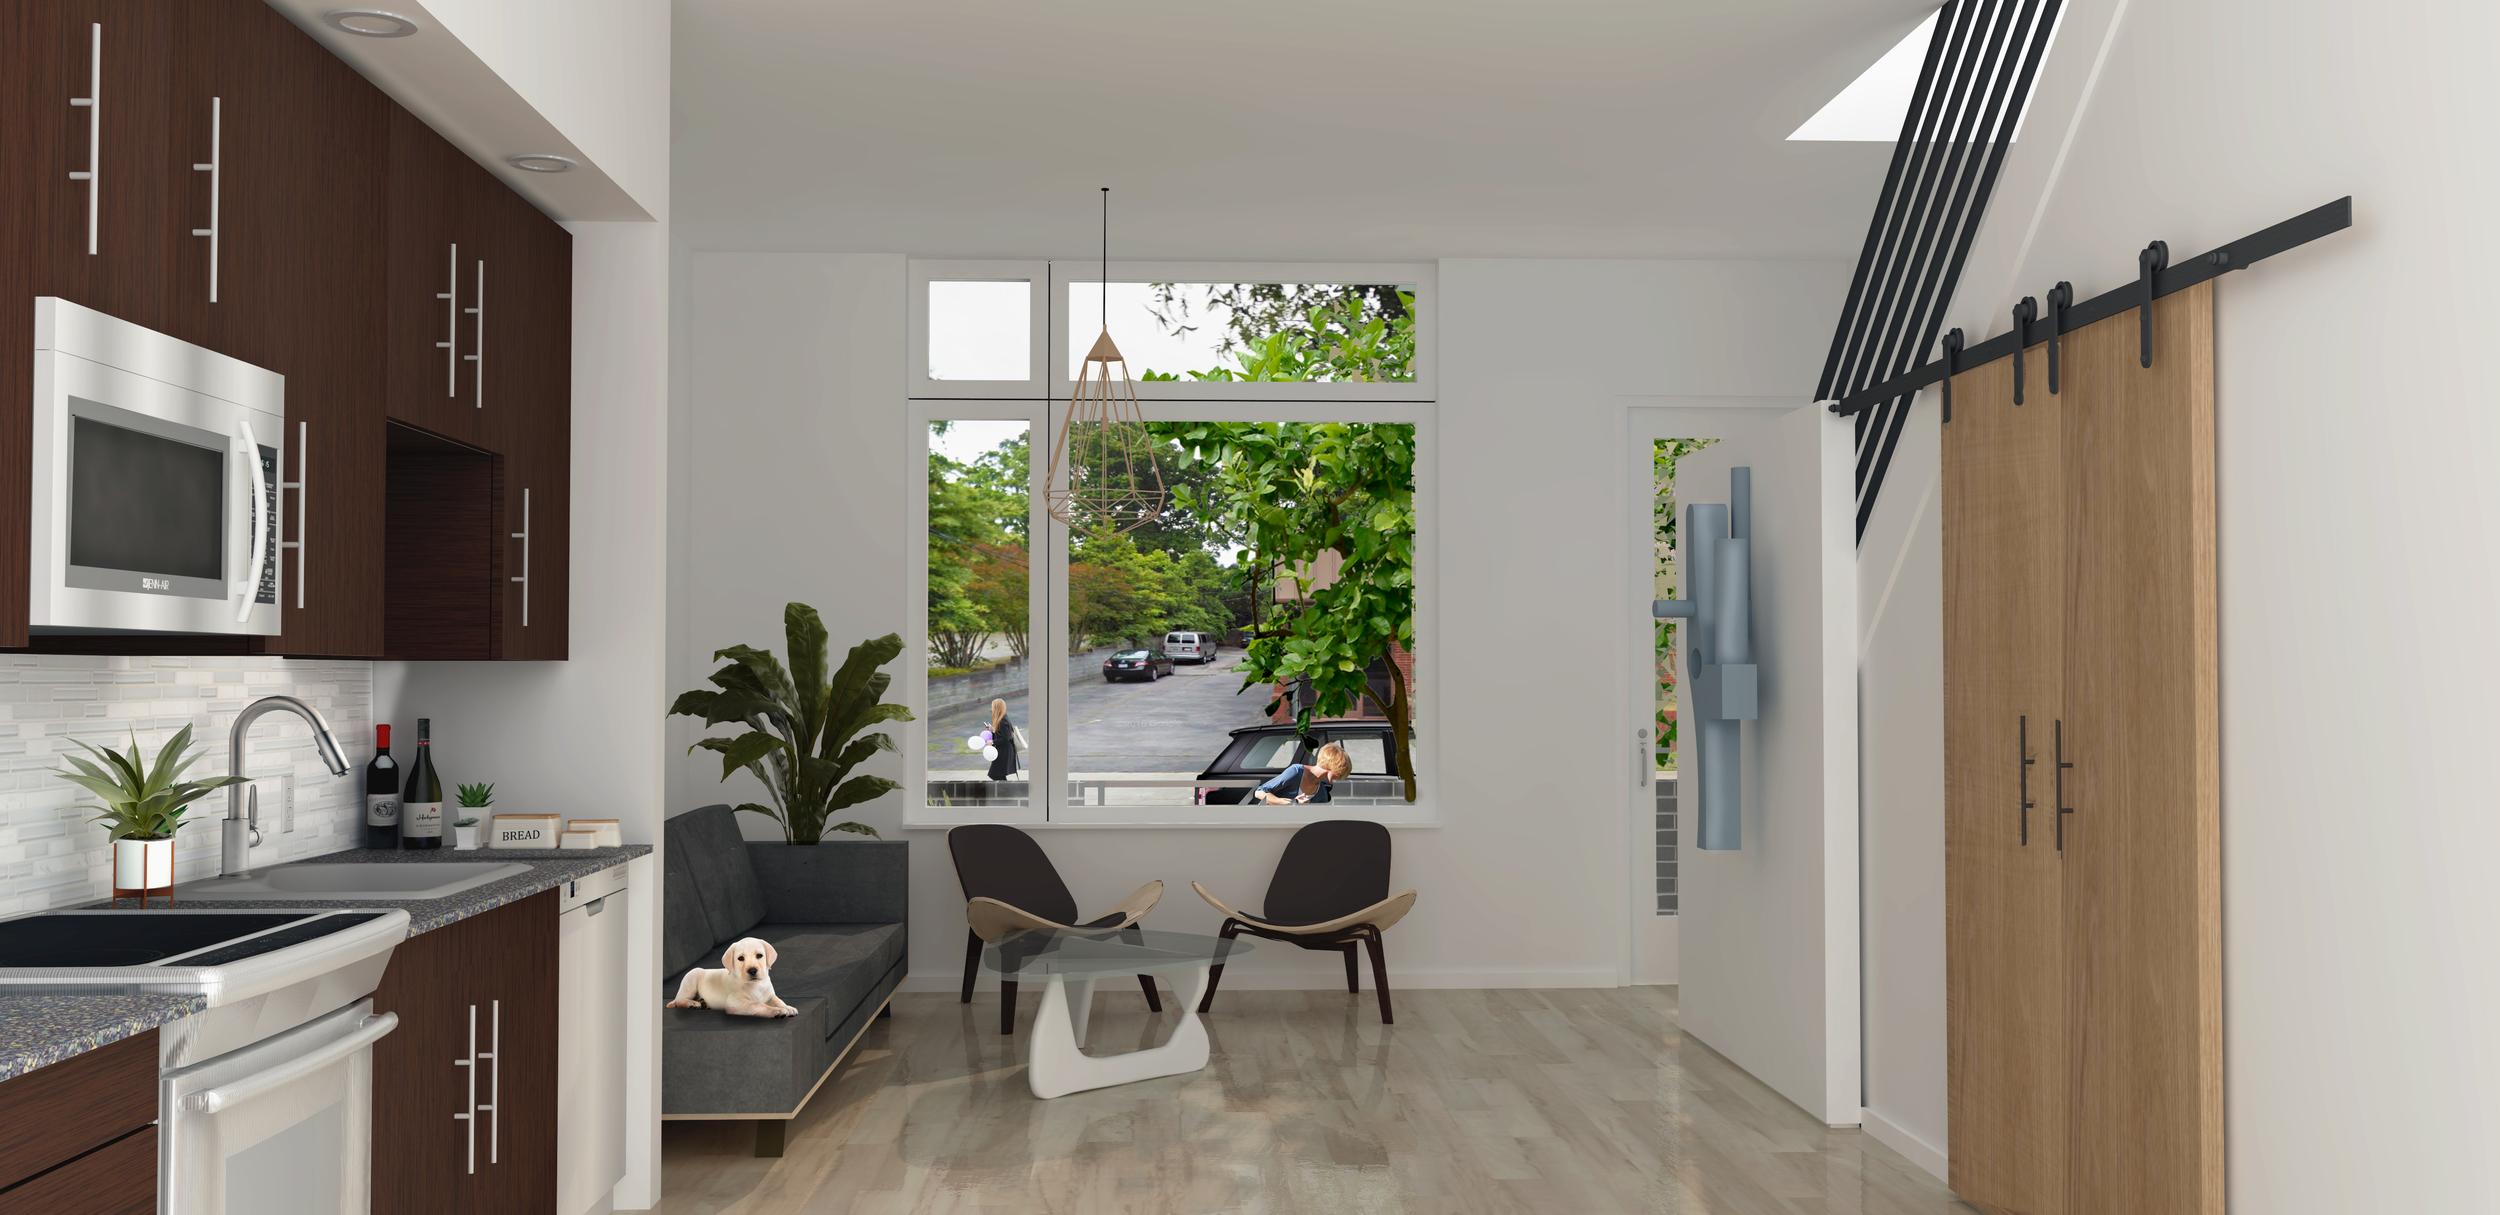 Mangum Flats Condo Interior 2